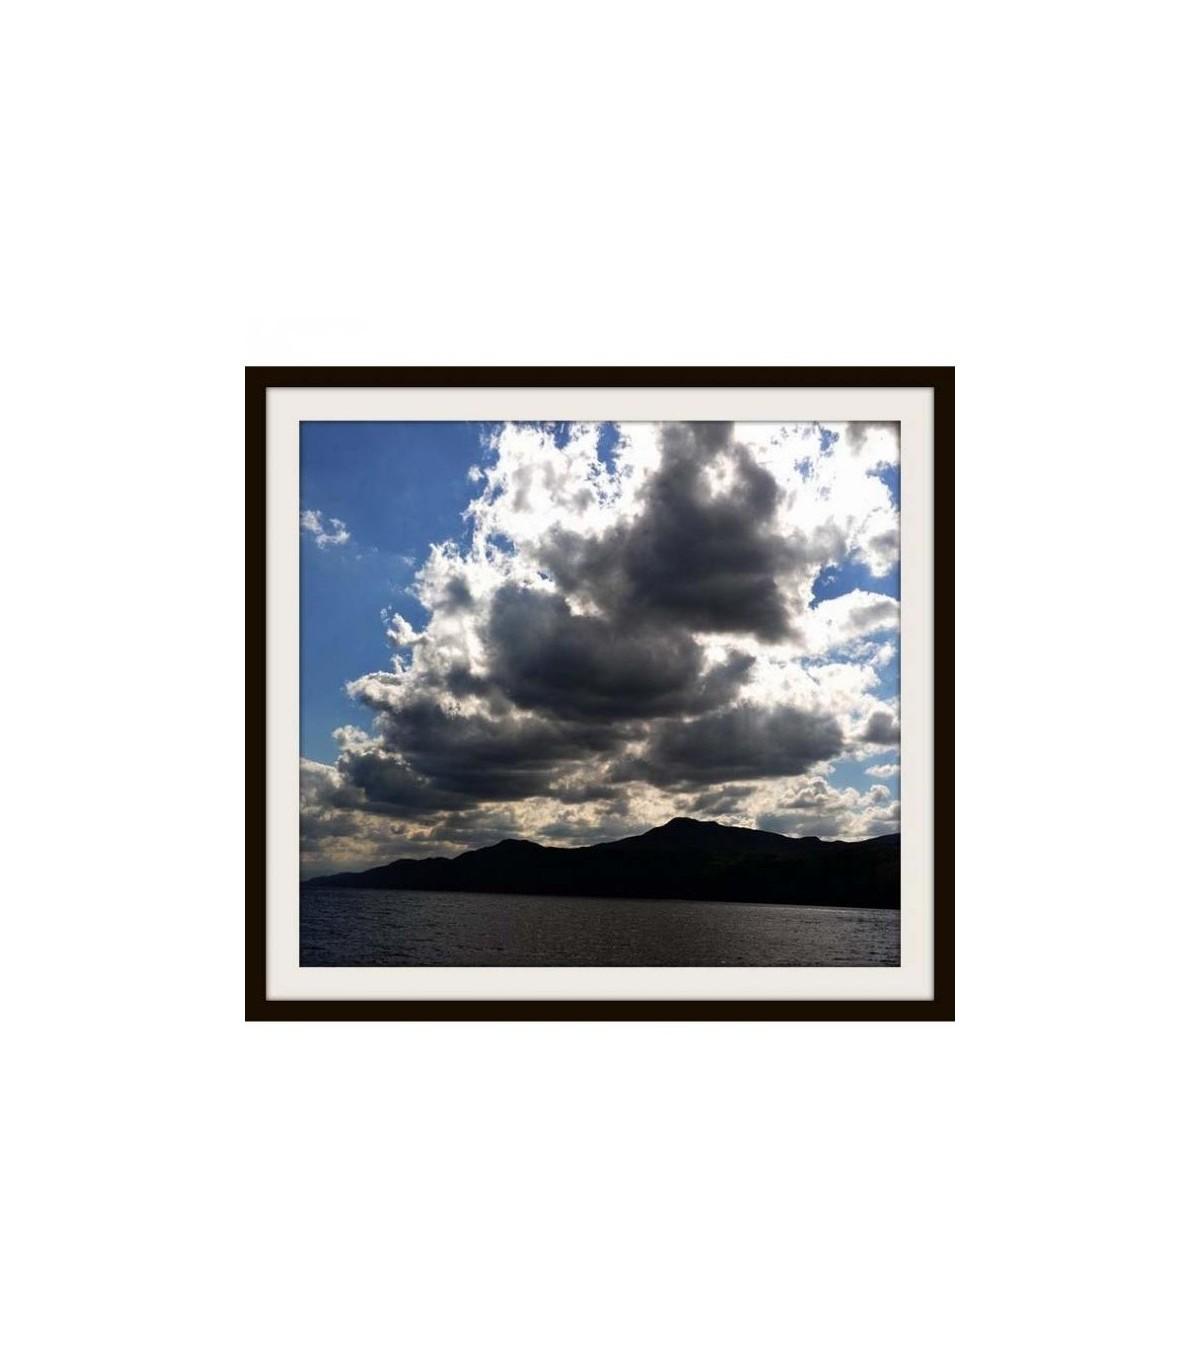 nuages ephemeres